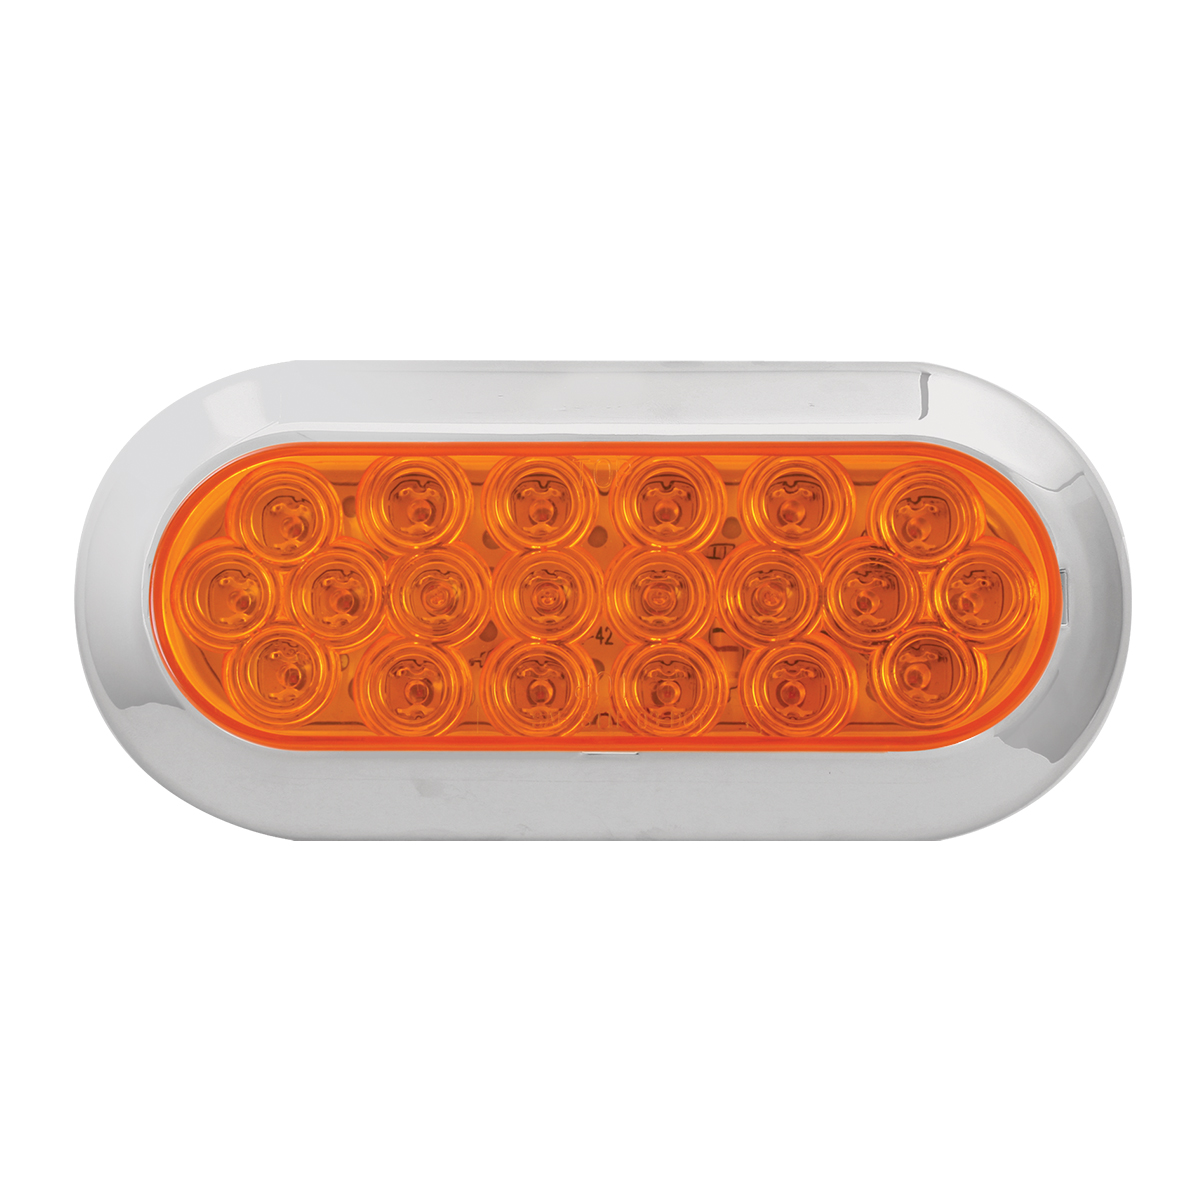 87724 Oval Fleet LED Light w/ Chrome Plastic Bezel